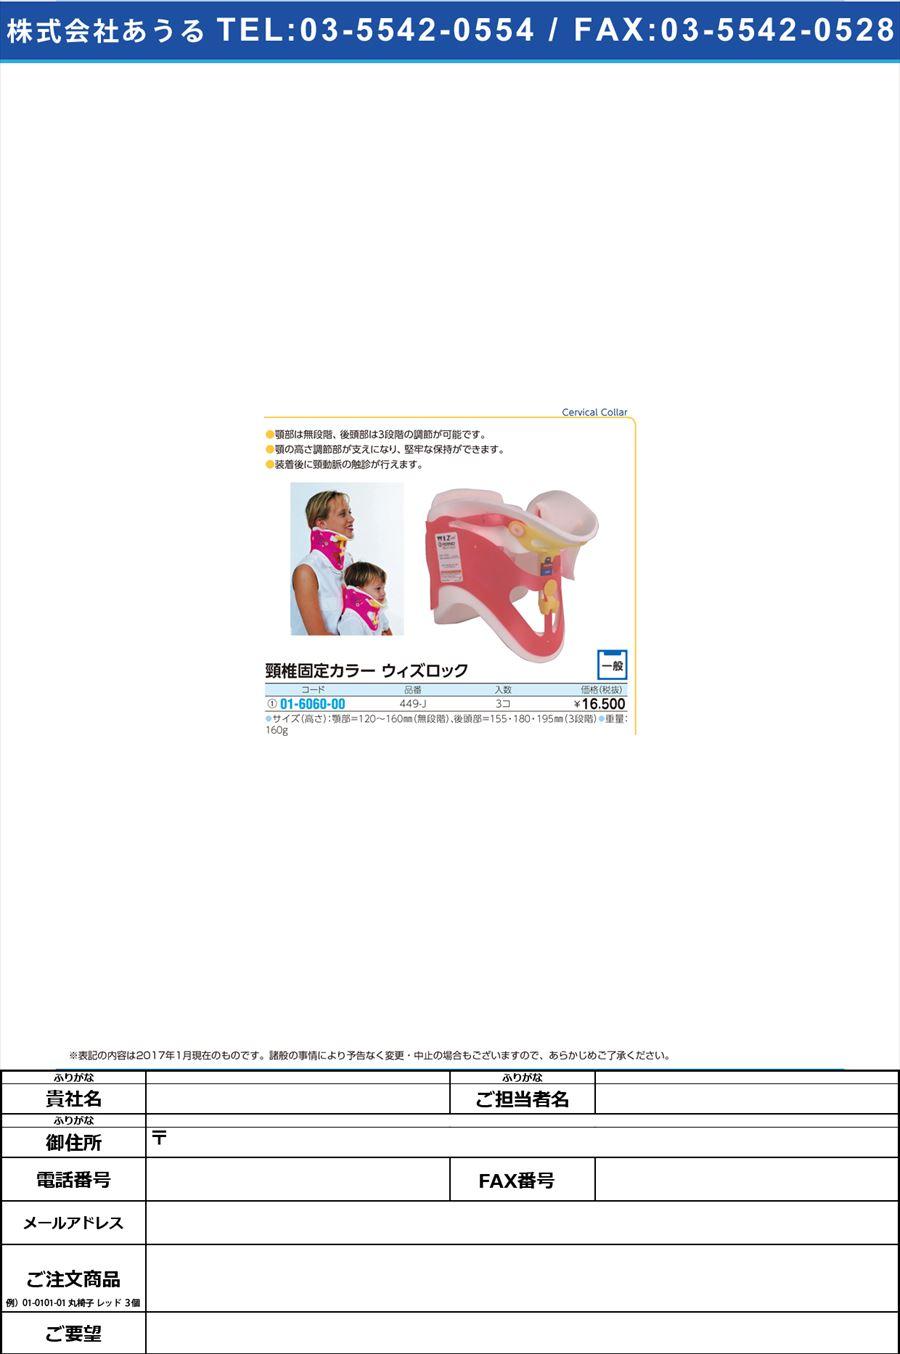 (01-6060-00)ウィズロック ウィズロック 449-J(3イリ)(01-6060-00)【1箱単位】【2017年カタログ商品】